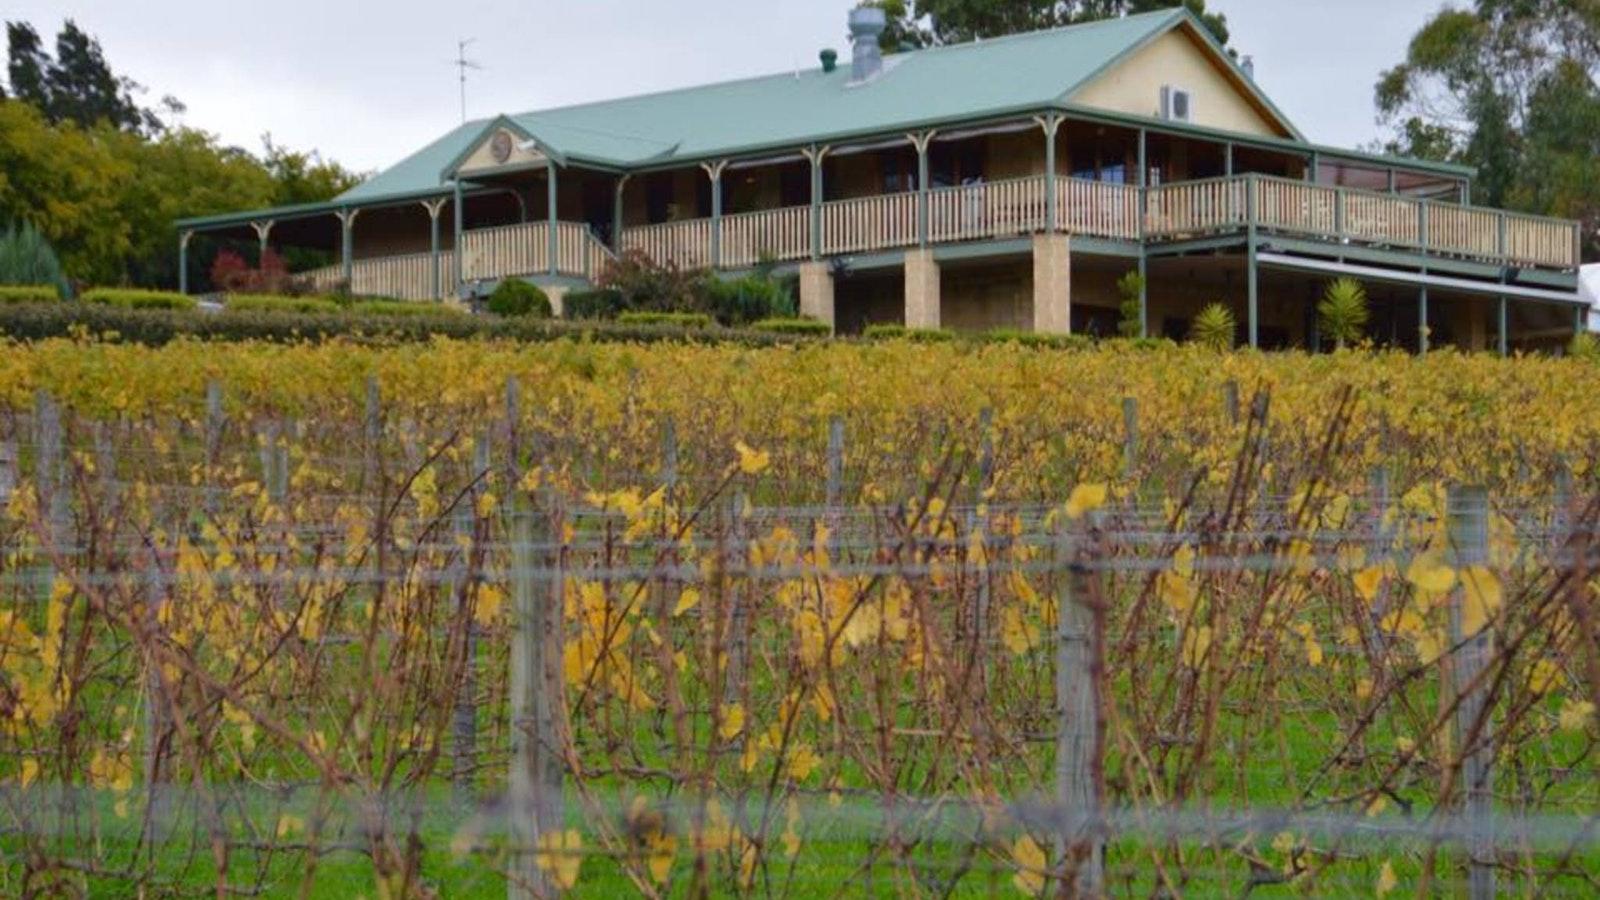 deVine Restaurant from the Vineyard